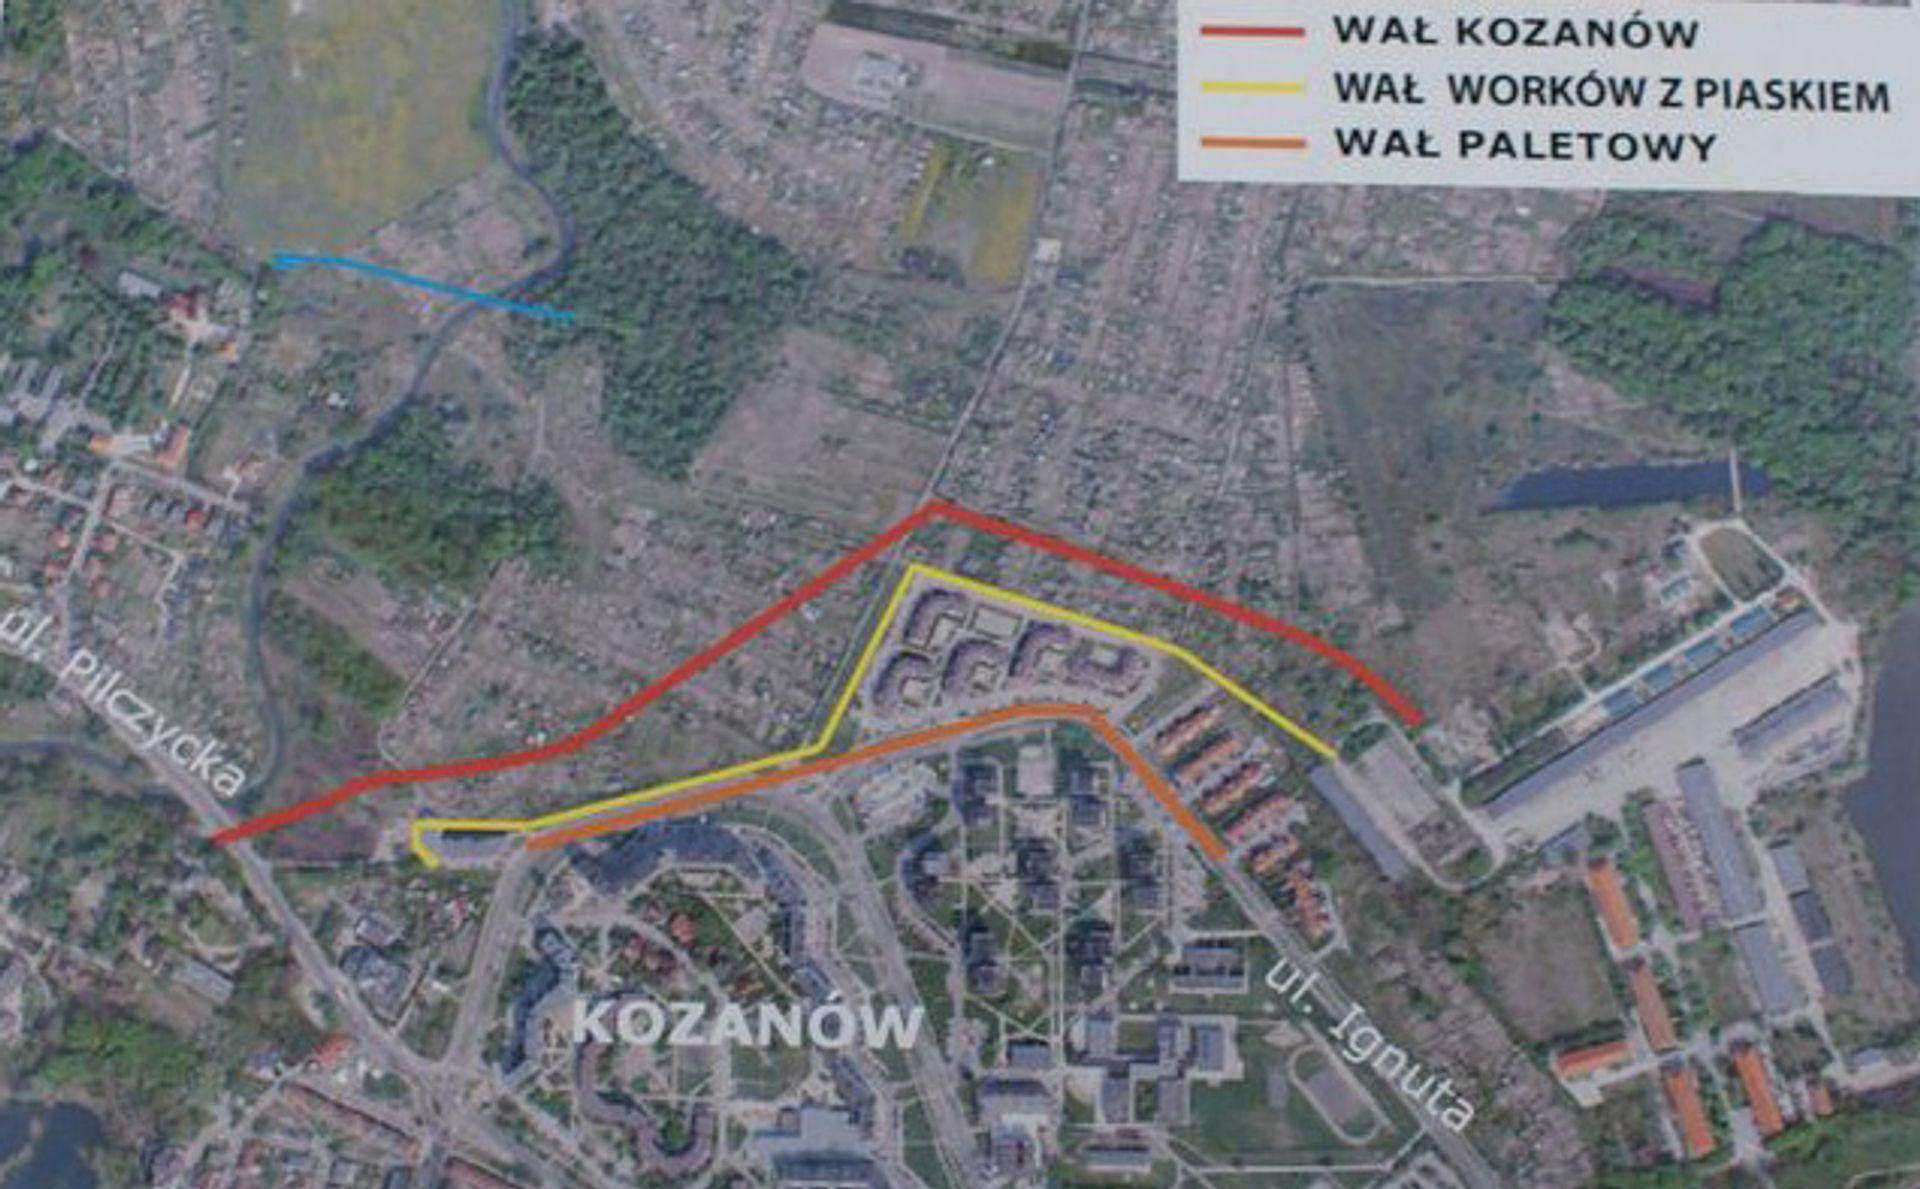 [Wrocław] Jest przetarg na budowę wału na Kozanowie! Ma być gotowy za dwa lata